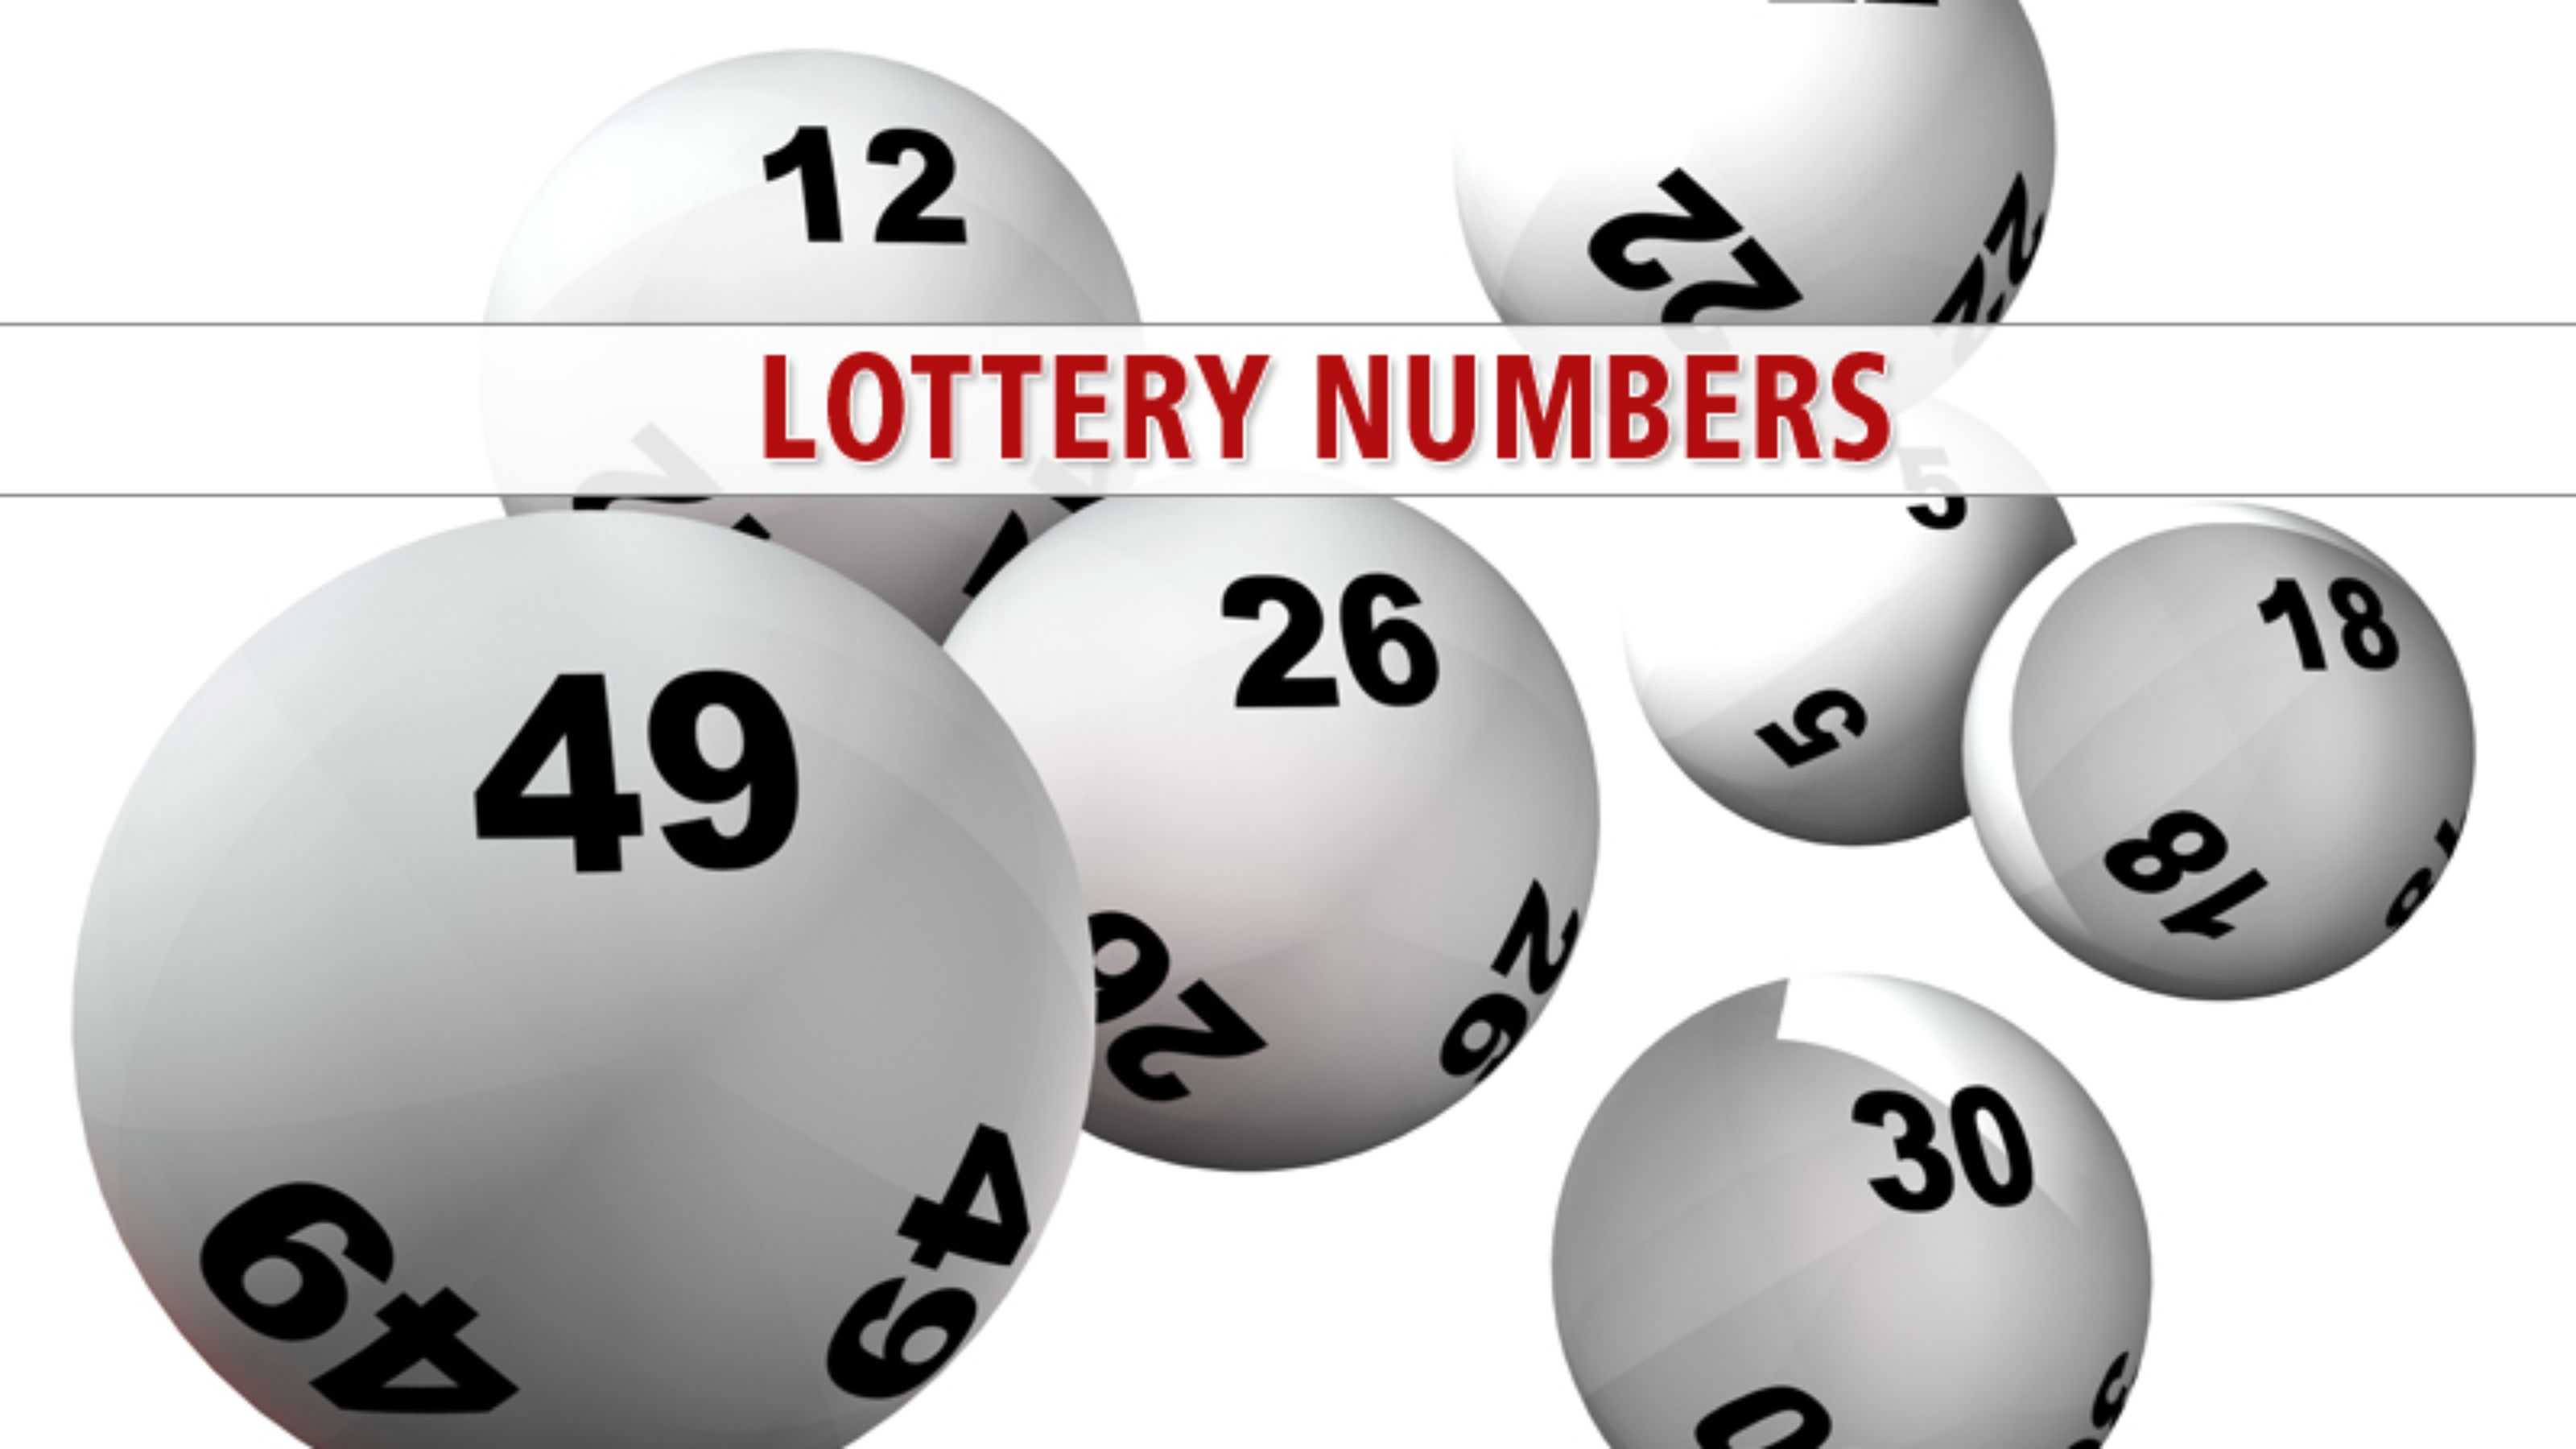 Resultados de la lotería de Alemania | poste de lotería